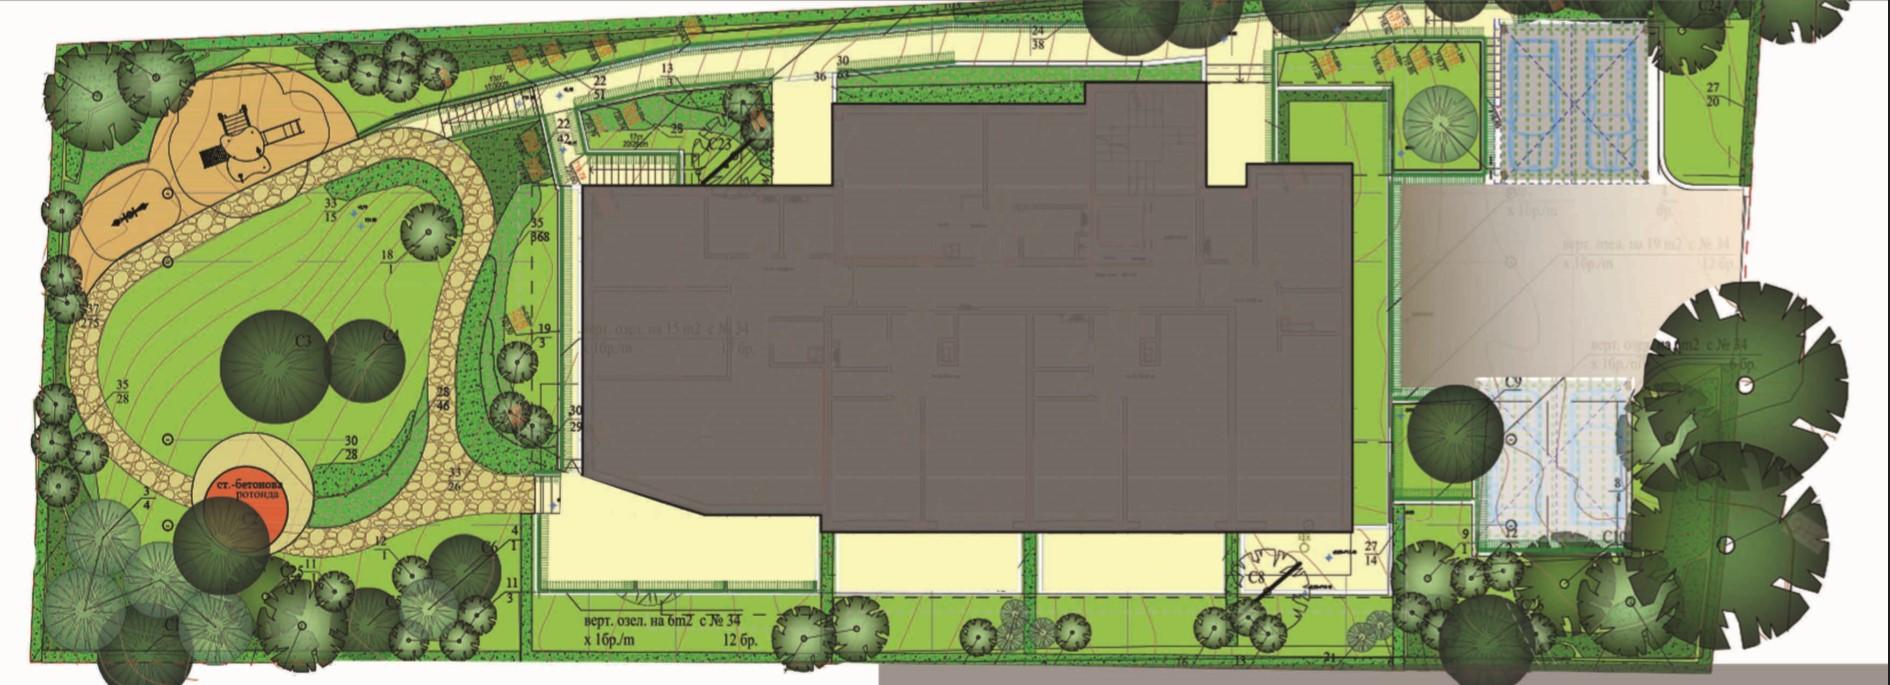 Генерален план: Pine View - нова жилищна сграда с луксозни апартаменти в квартал